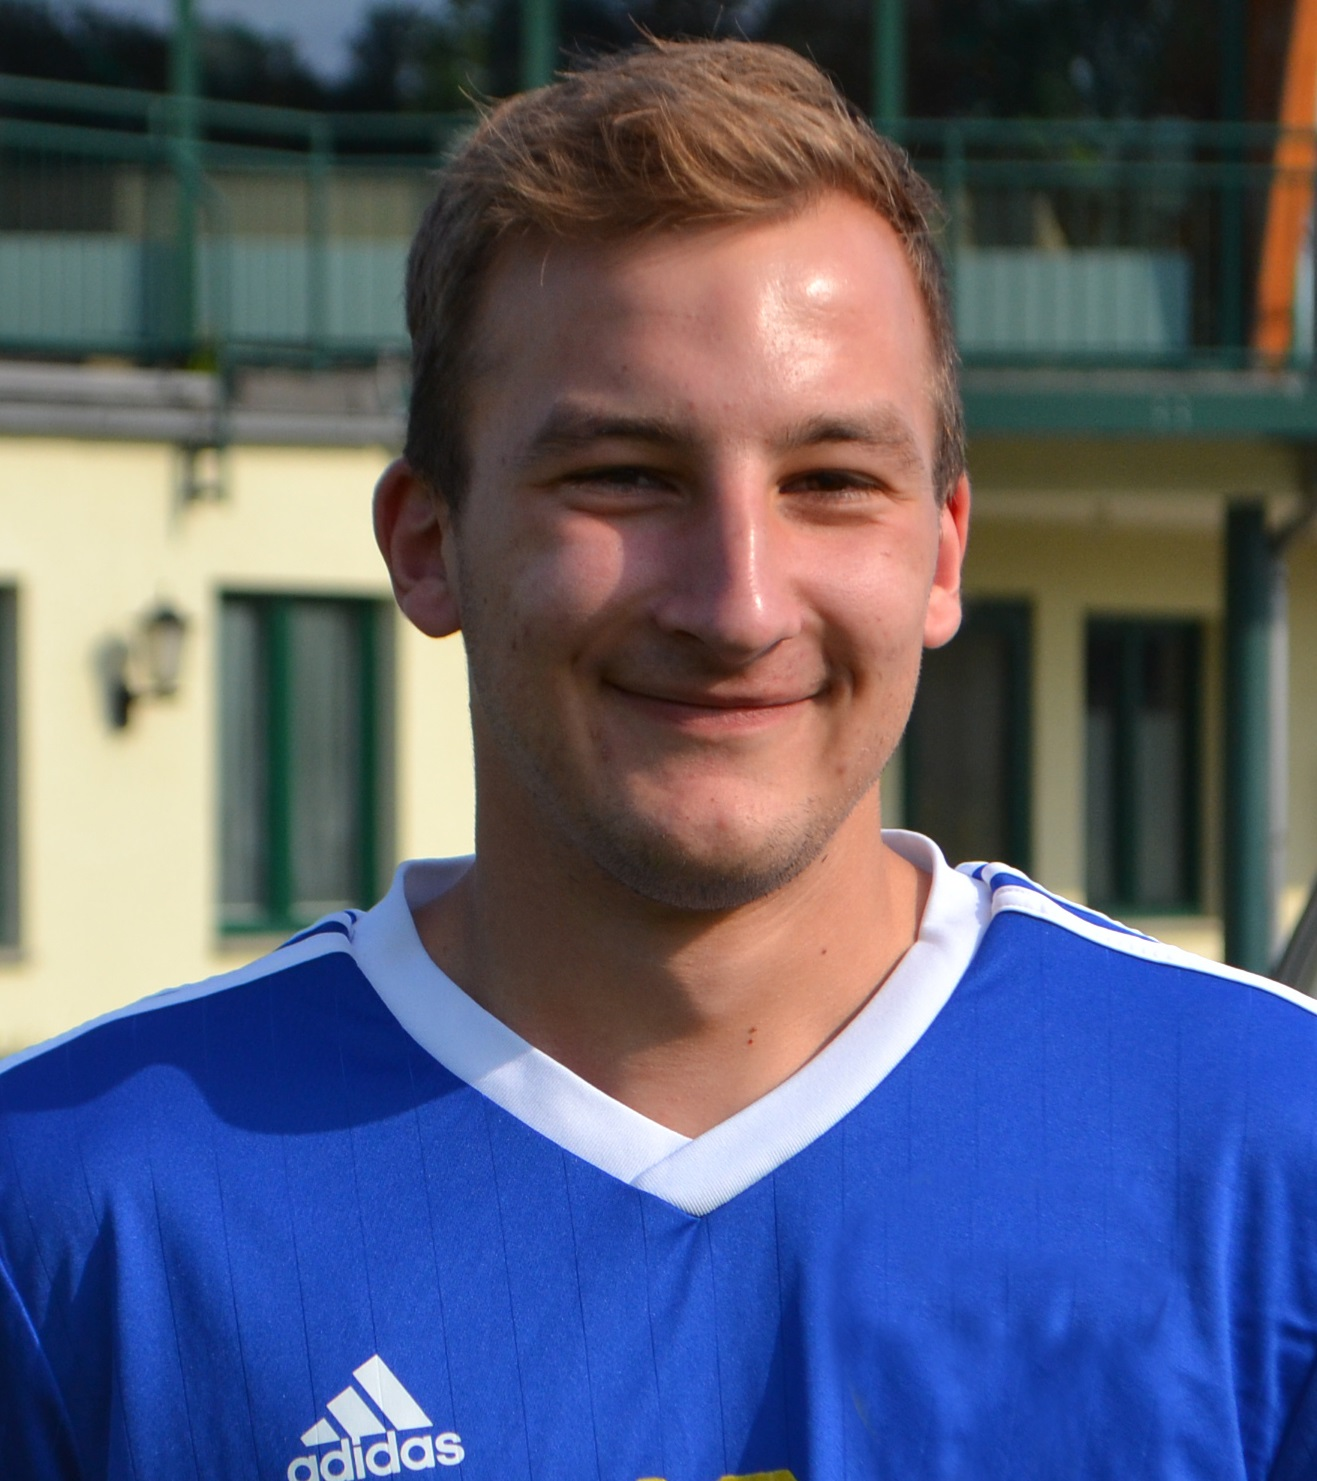 Nick Sitzenstock